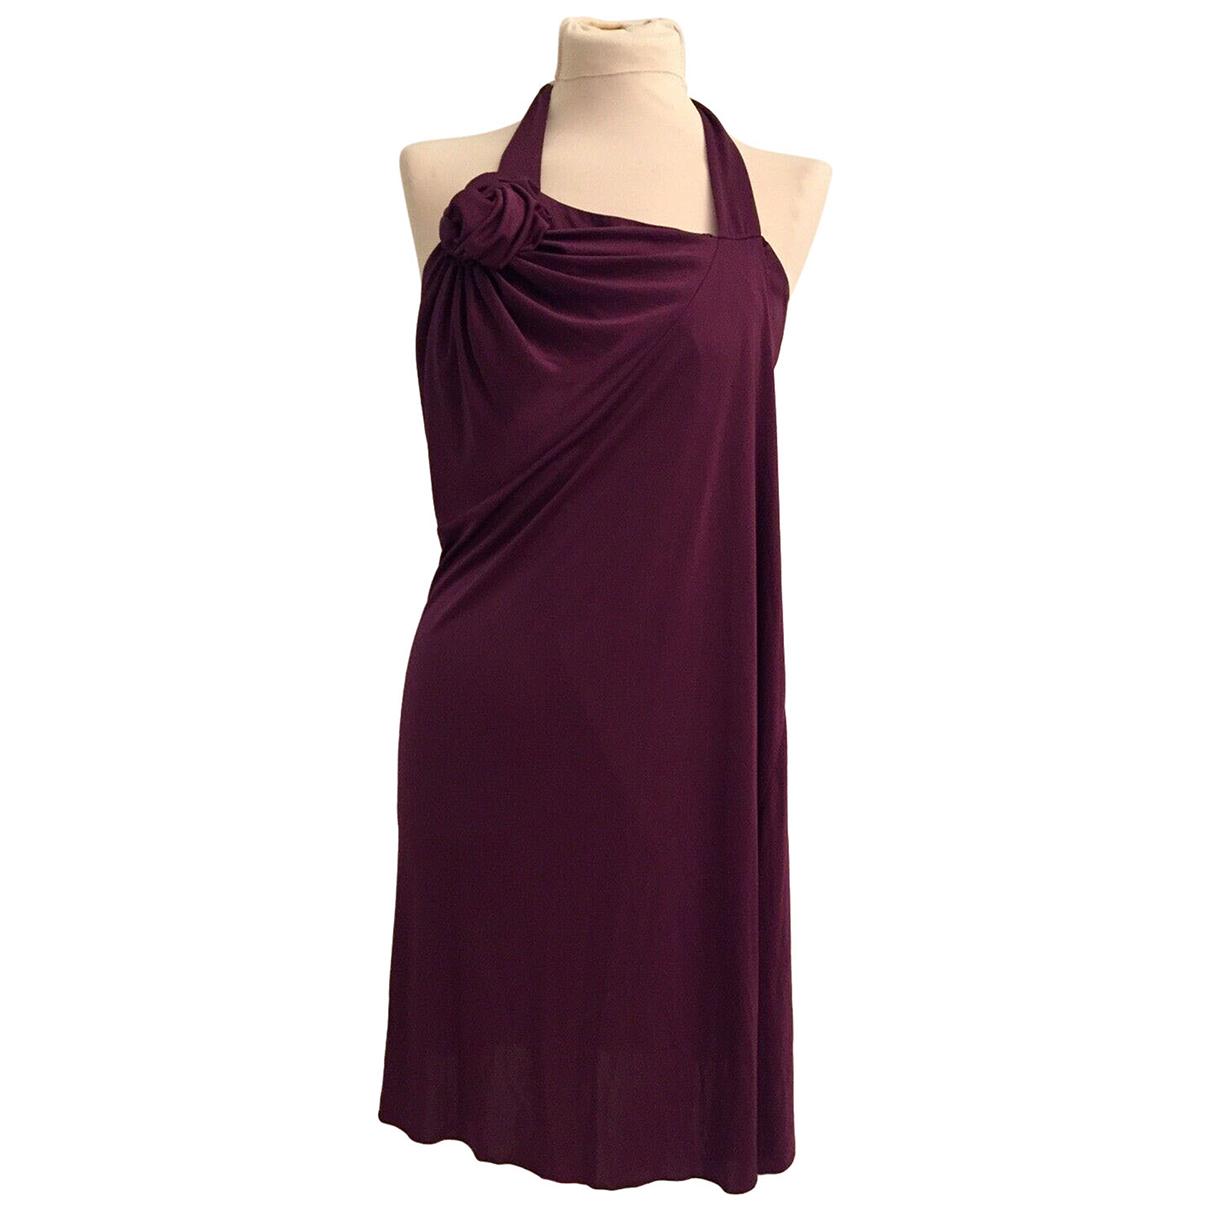 Yves Saint Laurent \N Purple dress for Women 38 FR